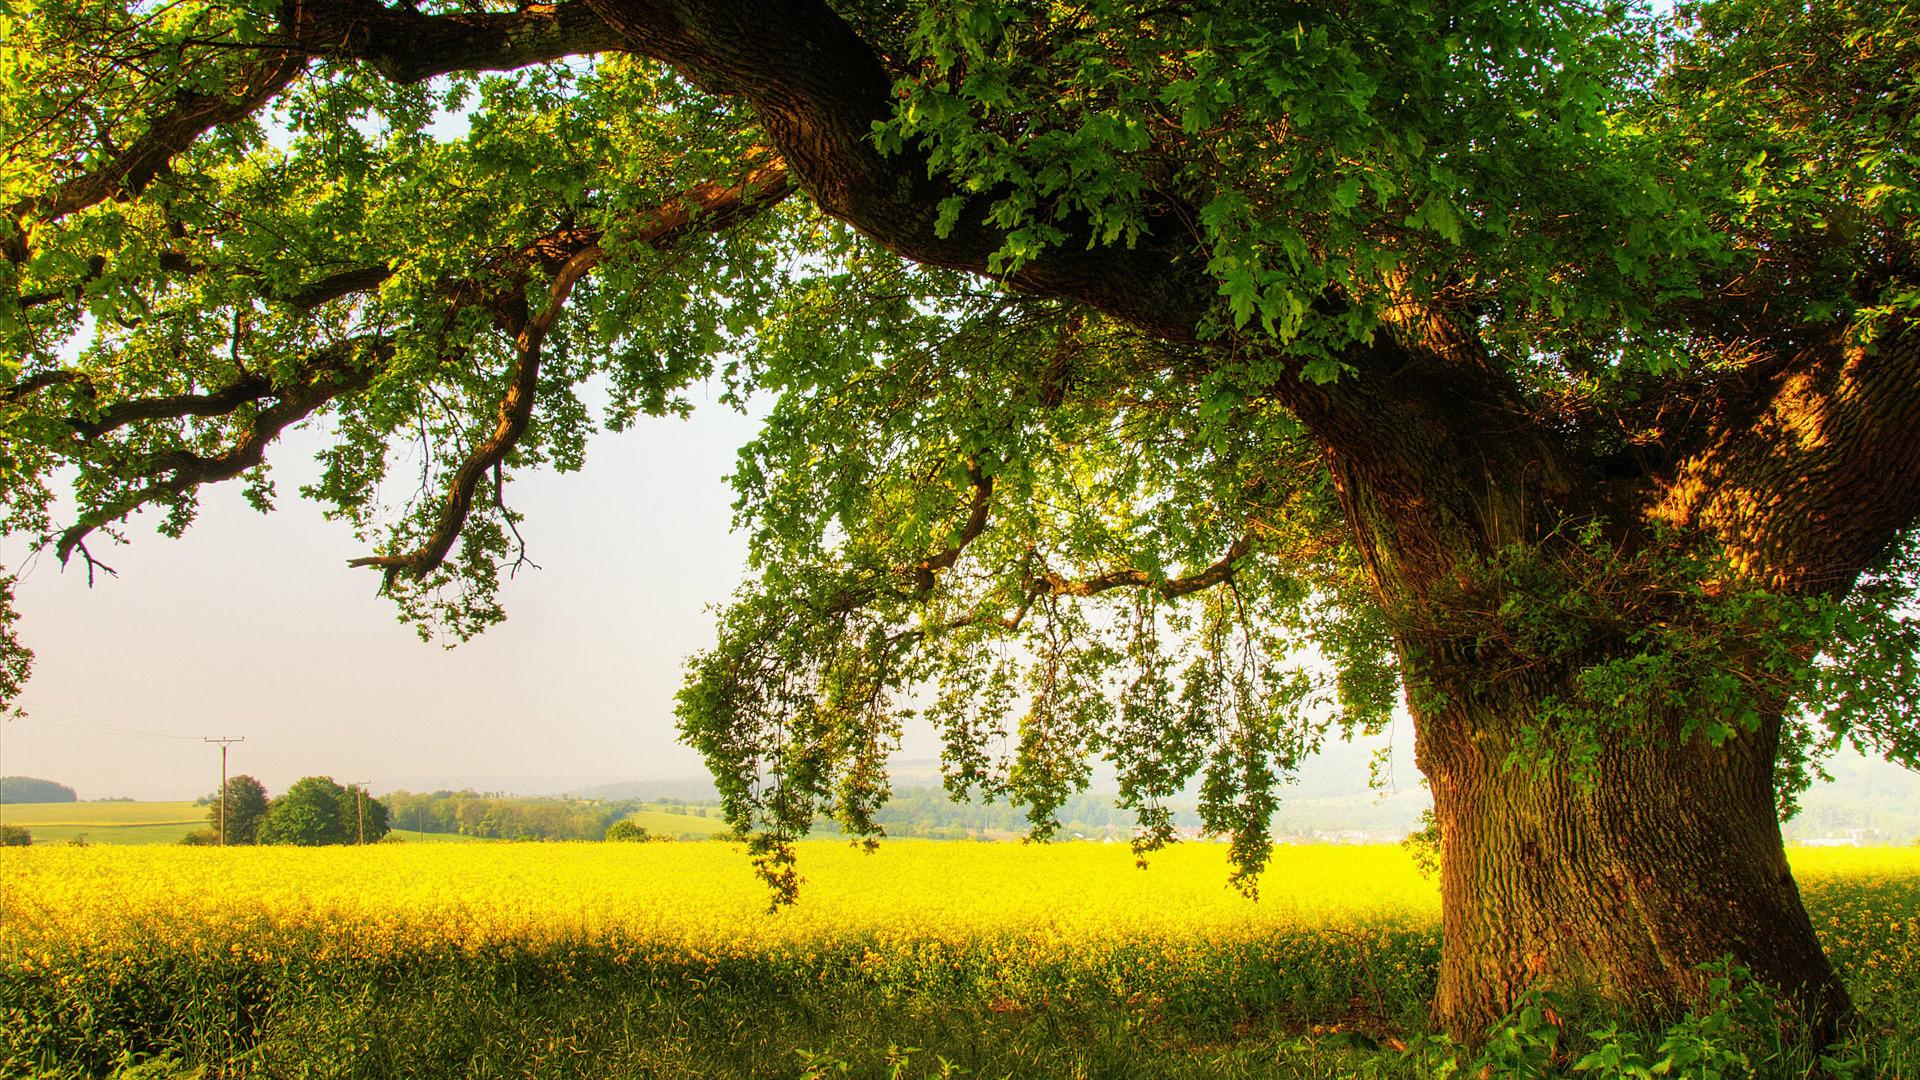 Oak tree Wallpaper 9606 1920x1080